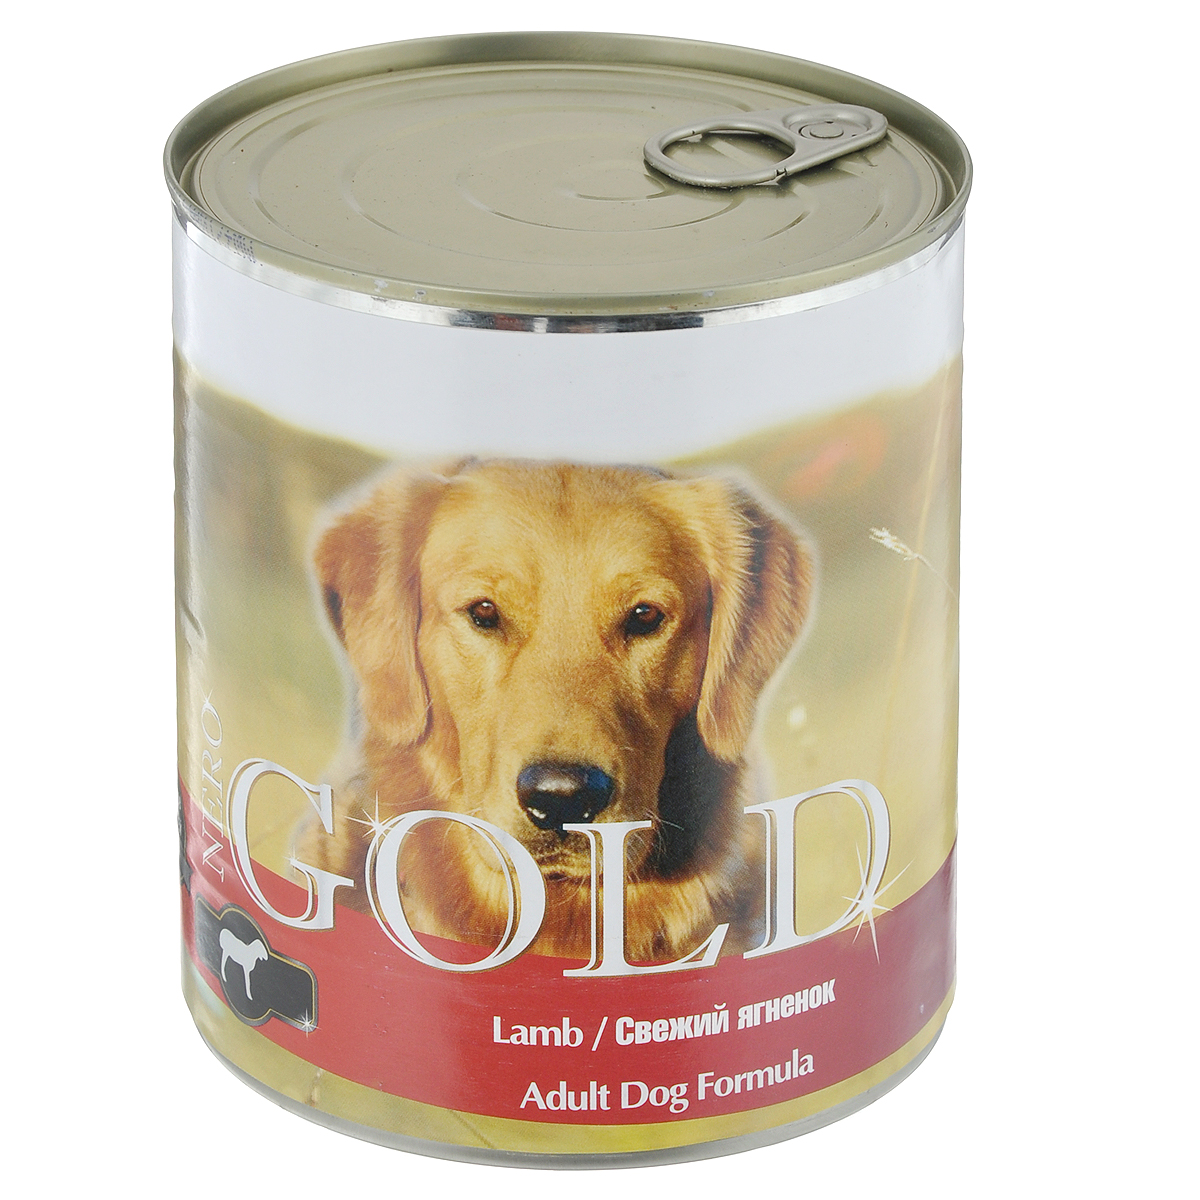 Консервы для собак Nero Gold, свежий ягненок, 810 г10324Консервы для собак Nero Gold - полнорационный продукт, содержащий все необходимые витамины и минералы, сбалансированный для поддержания оптимального здоровья вашего питомца! Состав: мясо и его производные, филе курицы, филе ягненка, злаки, витамины и минералы. Гарантированный анализ: белки 6,5%, жиры 4,5%, клетчатка 0,5%, зола 2%, влага 81%. Пищевые добавки на 1 кг продукта: витамин А 1600 МЕ, витамин D 140 МЕ, витамин Е 10 МЕ, железо 24 мг, марганец 6 мг, цинк 15 мг, медь 1 мг, магний 200 мг, йод 0,3 мг, селен 0,2 мг.Вес: 810 г. Товар сертифицирован.